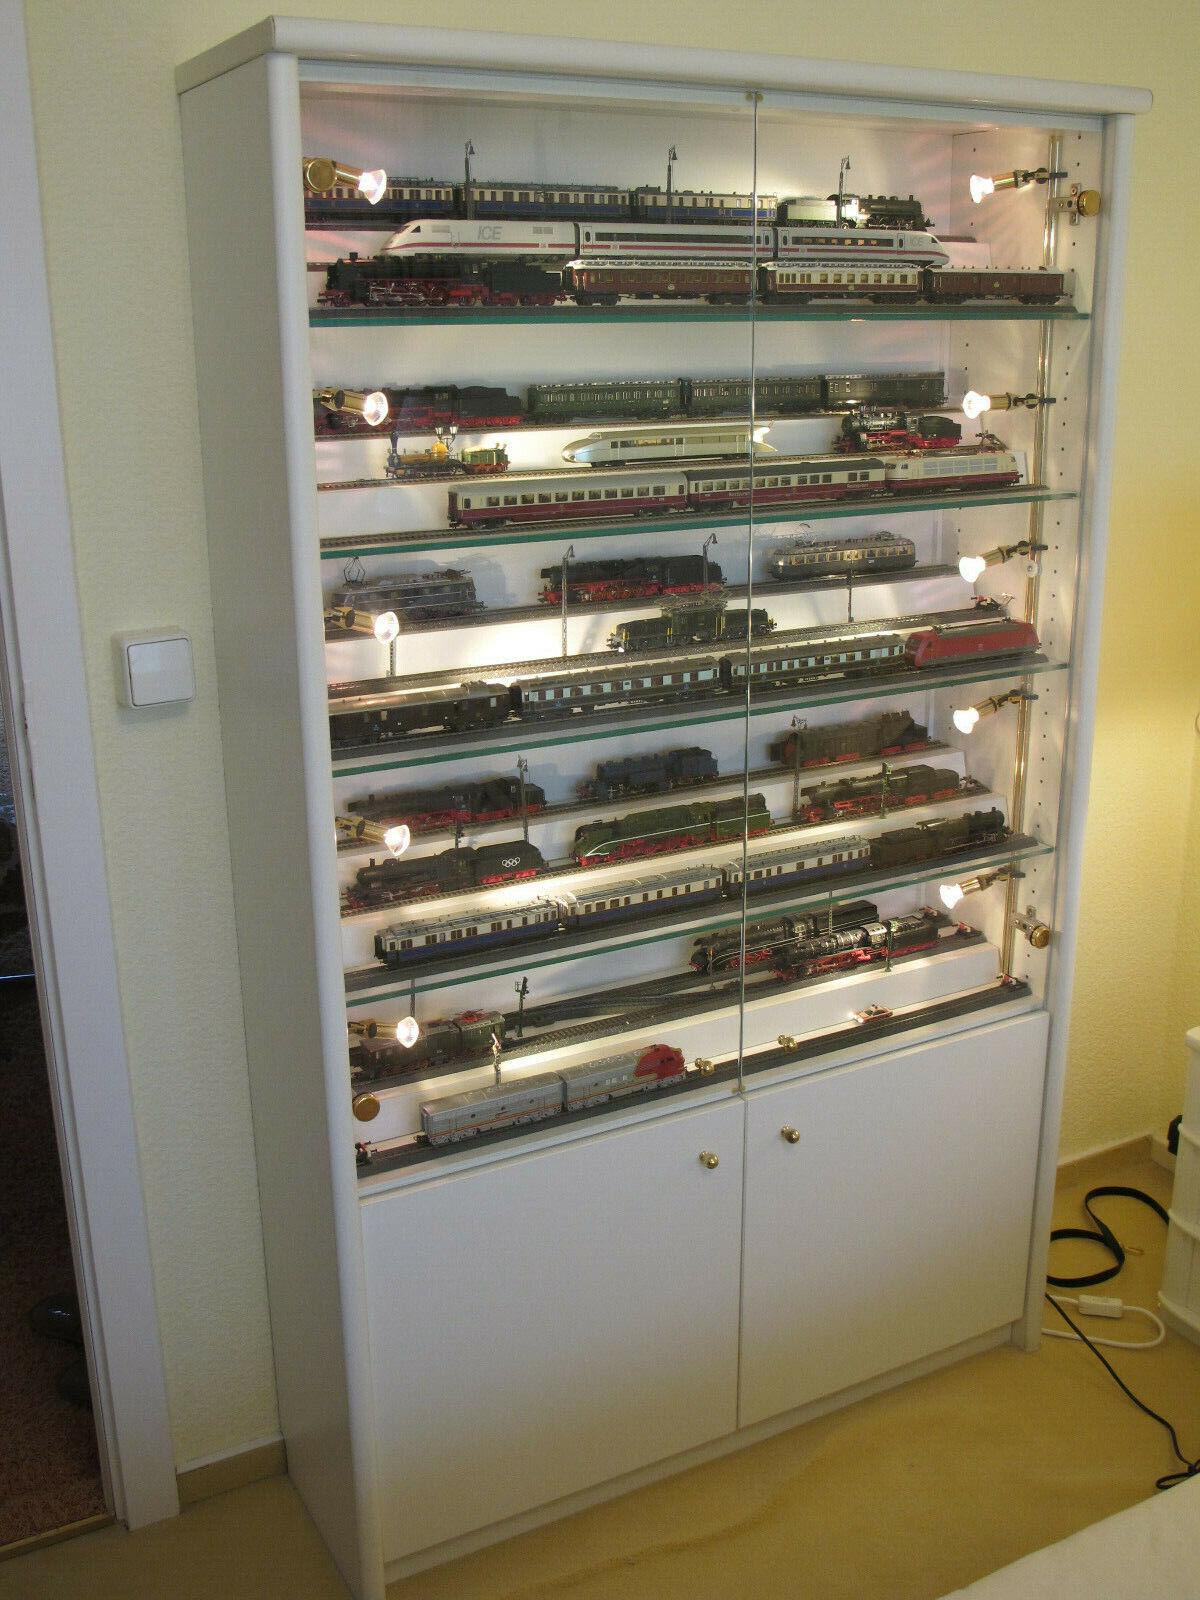 Da collezione vetrina per modellololismo ferroviario h0